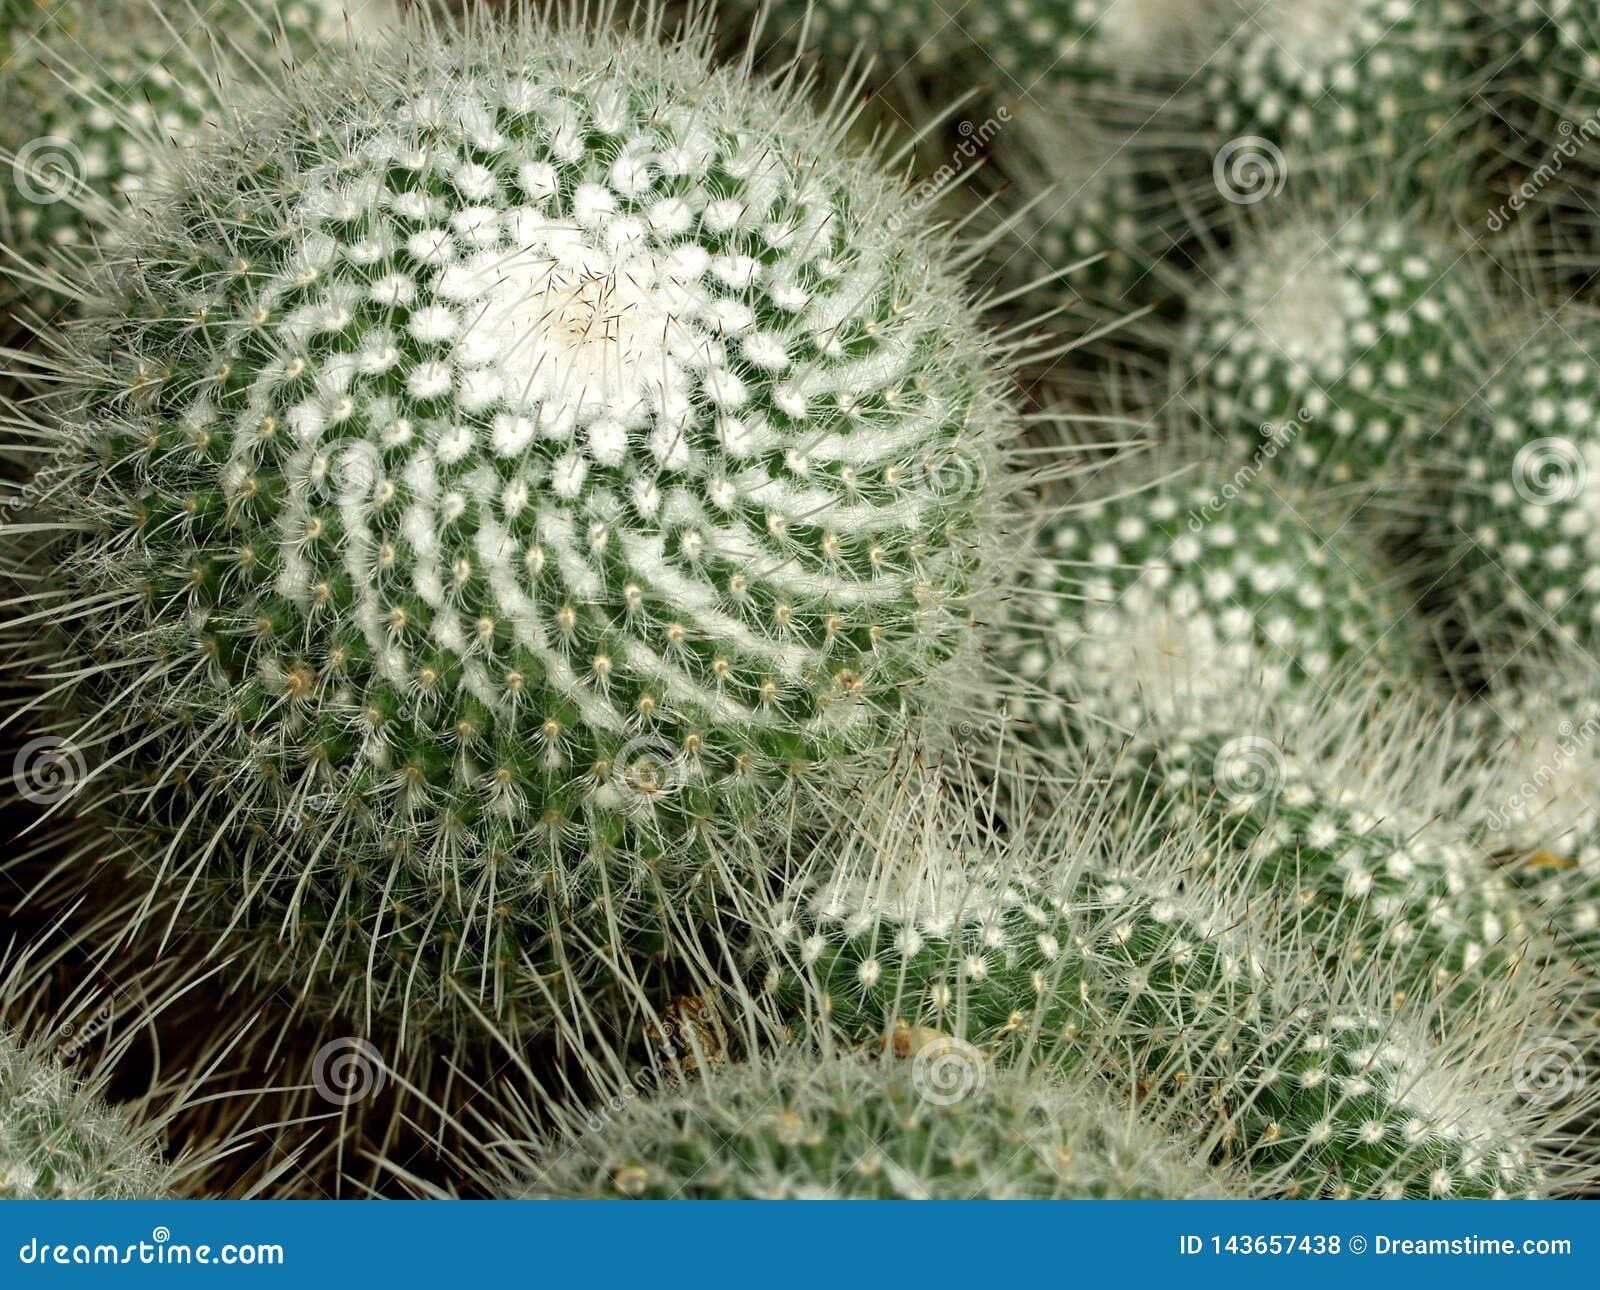 Cacti, cactus, plant, succulent, thorny